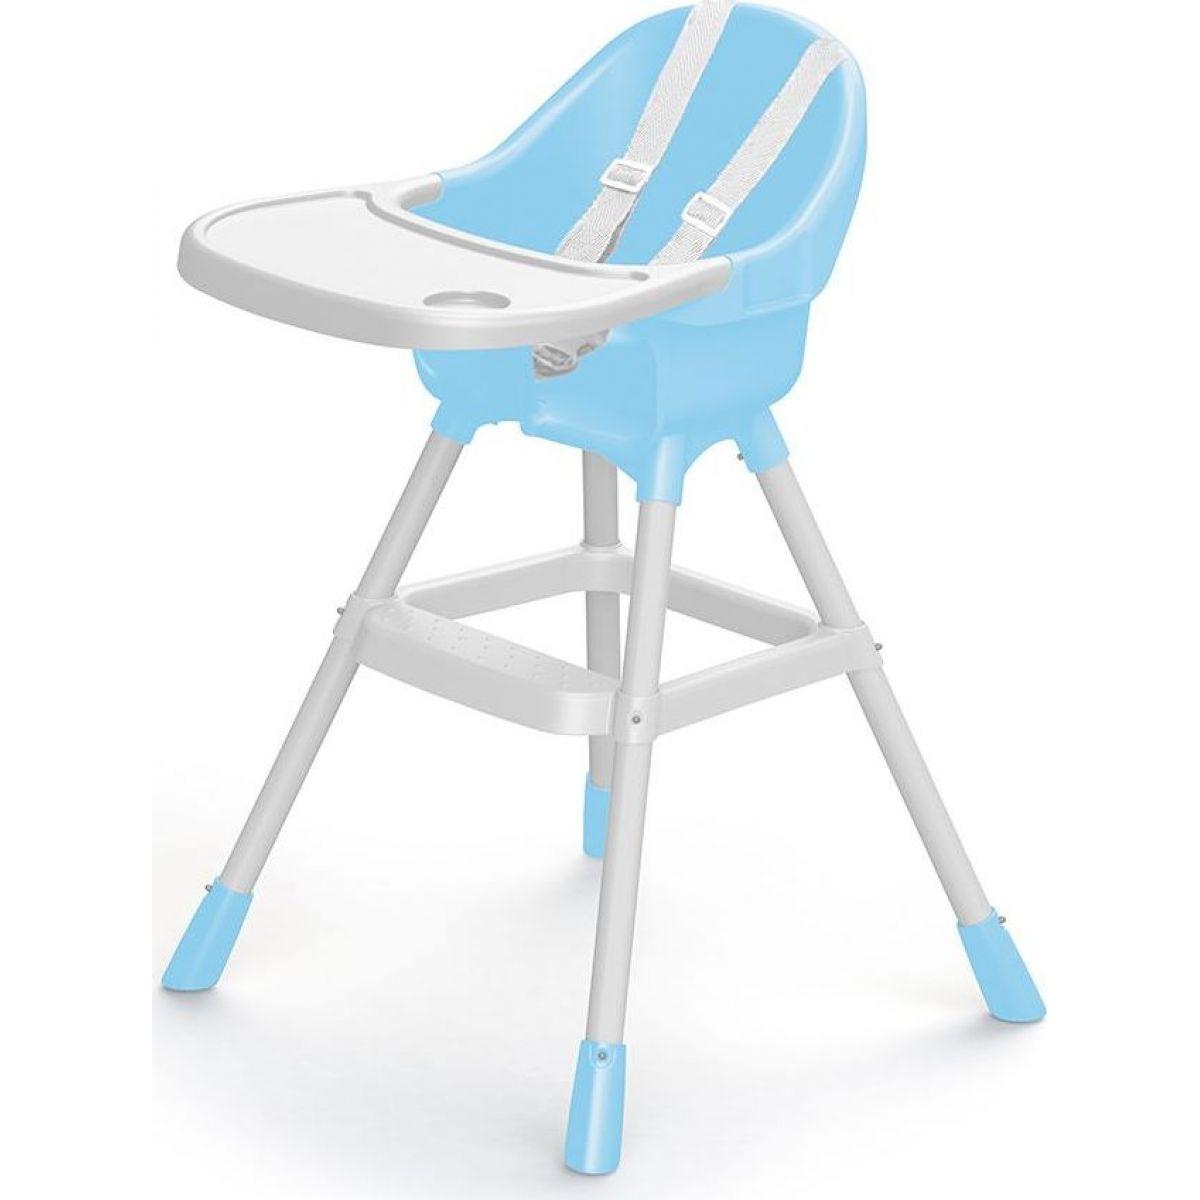 Dolu Dětská jídelní židlička modrá